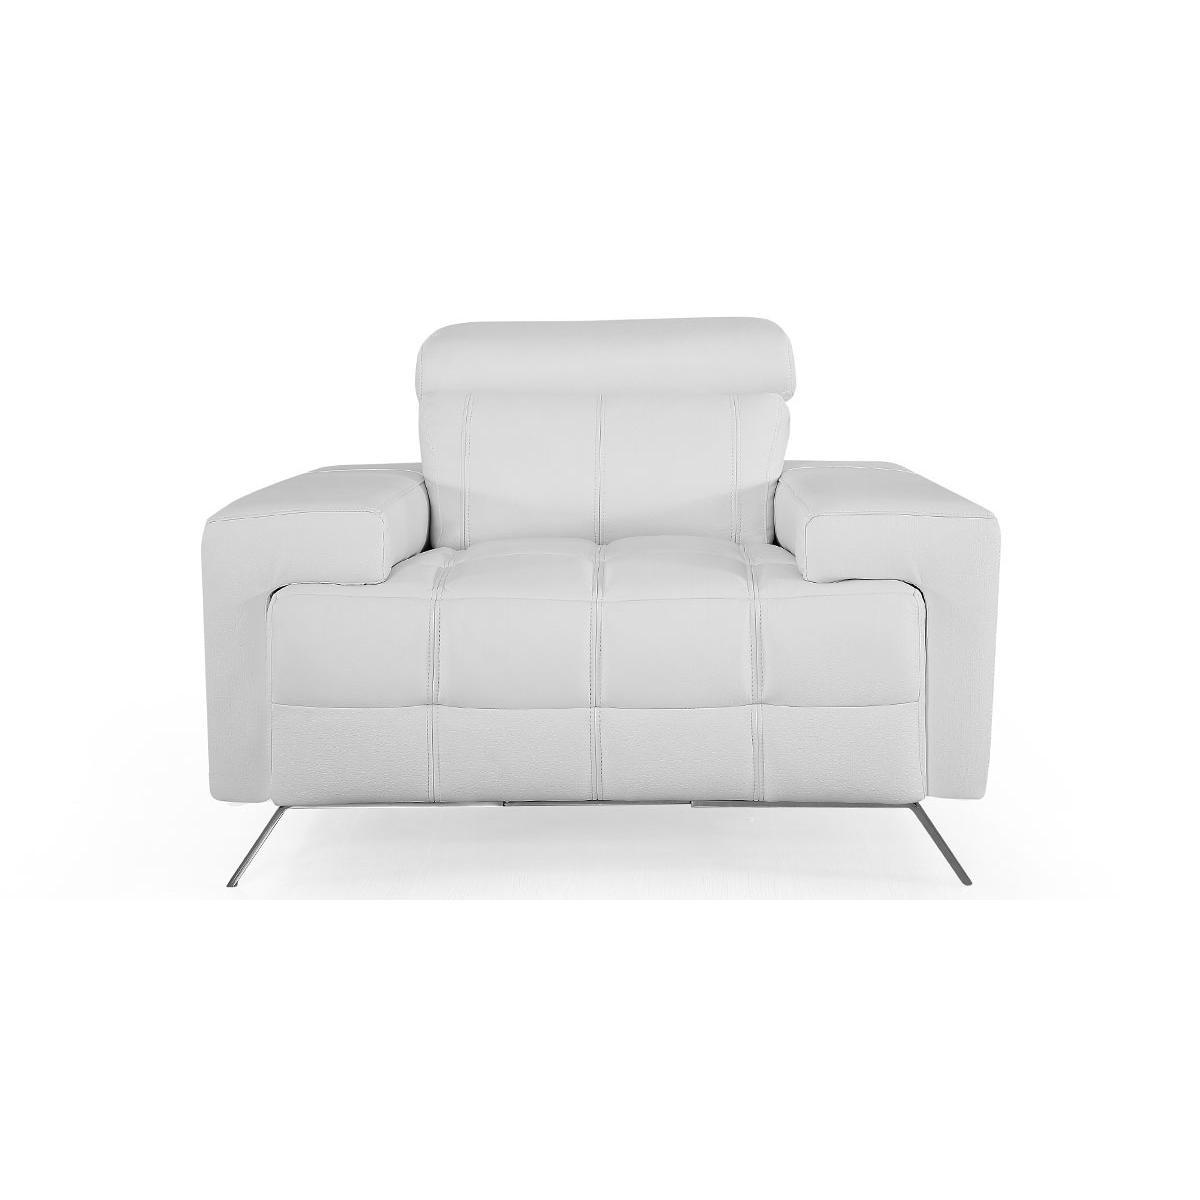 La Maison Du Canapé Fauteuil cuir Design JACOB - {habillage_canape_cuir} - Blanc